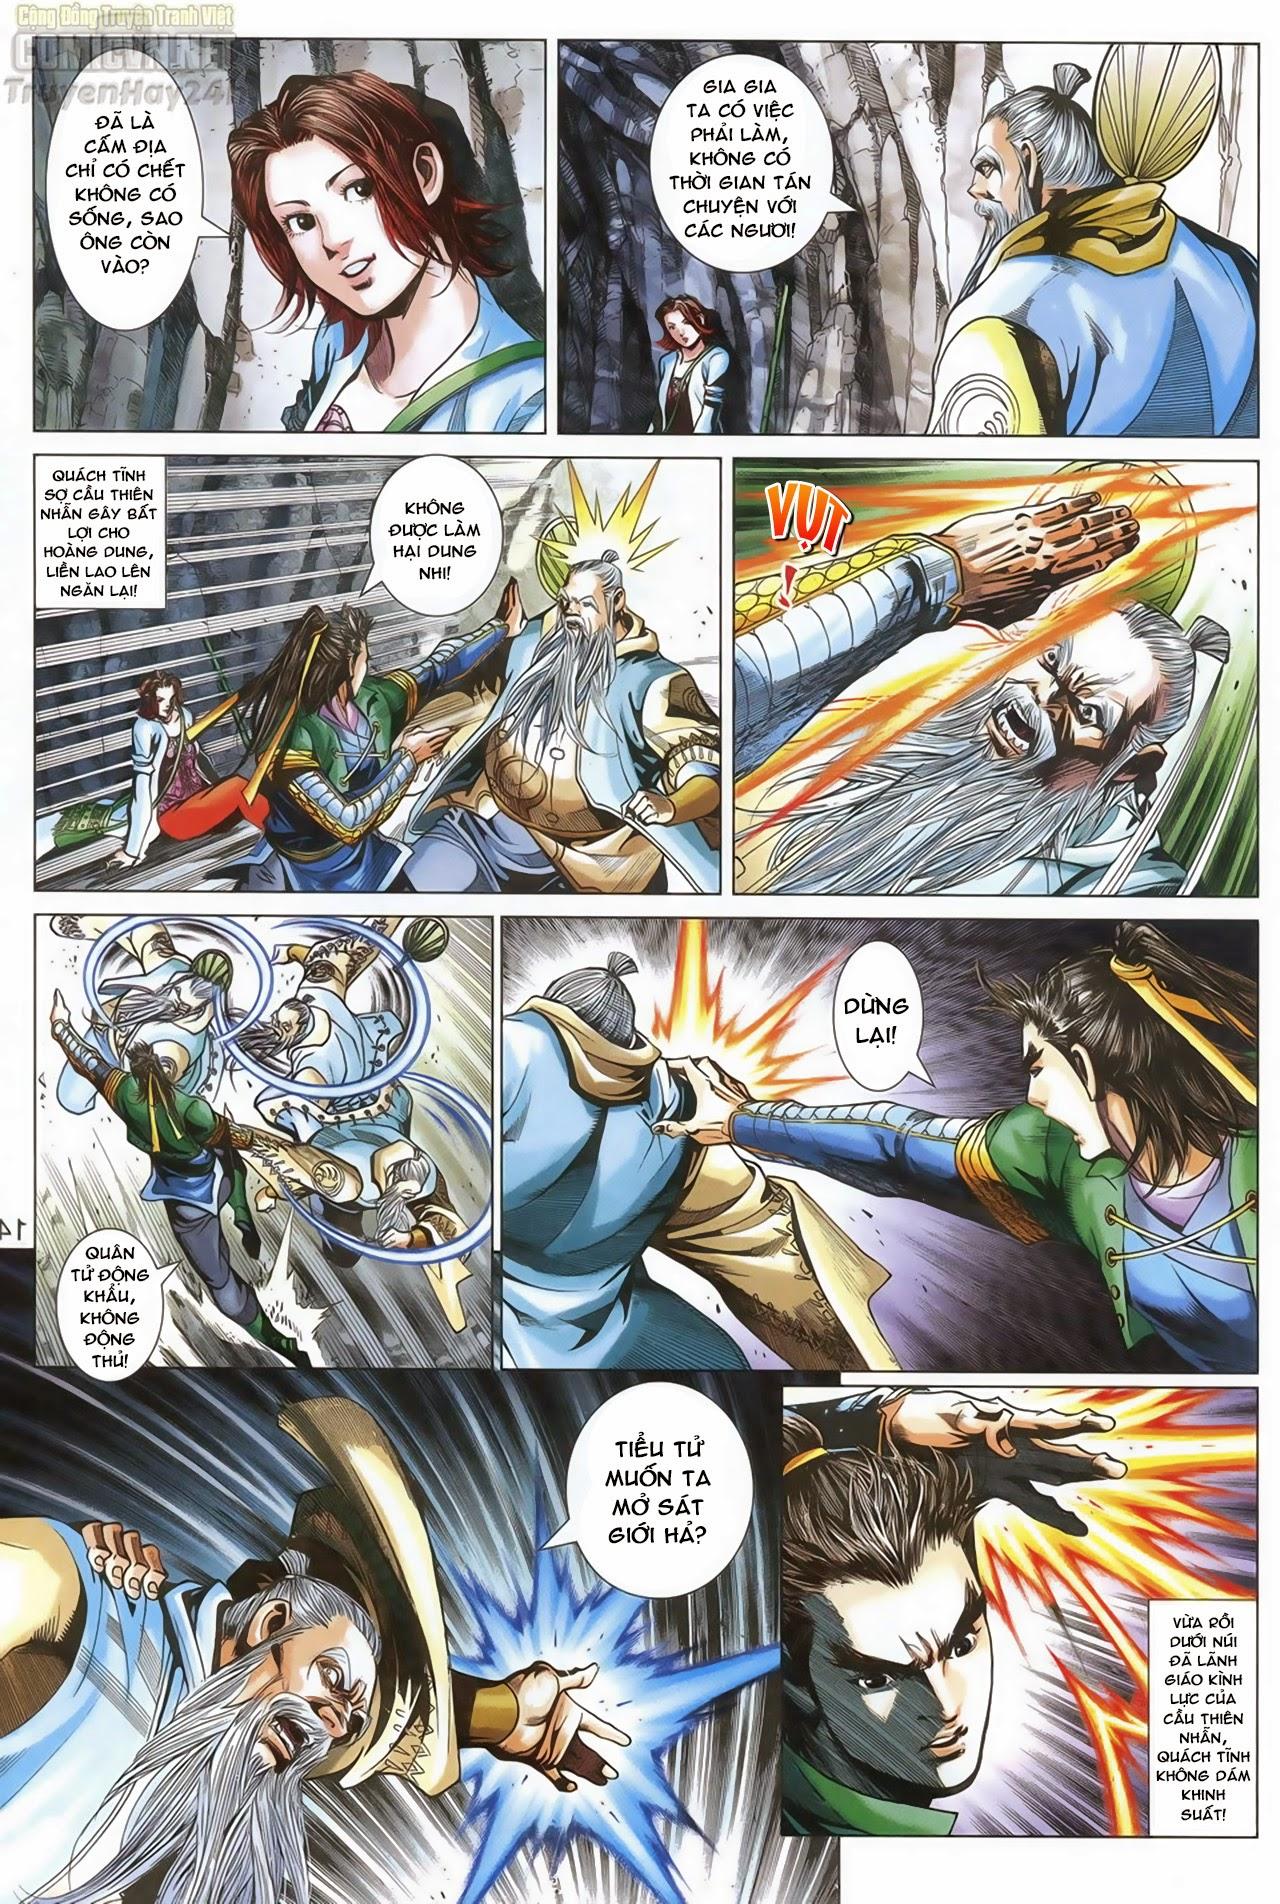 Anh Hùng Xạ Điêu anh hùng xạ đêu chap 69: hồn đoạn thiết chưởng phong trang 15